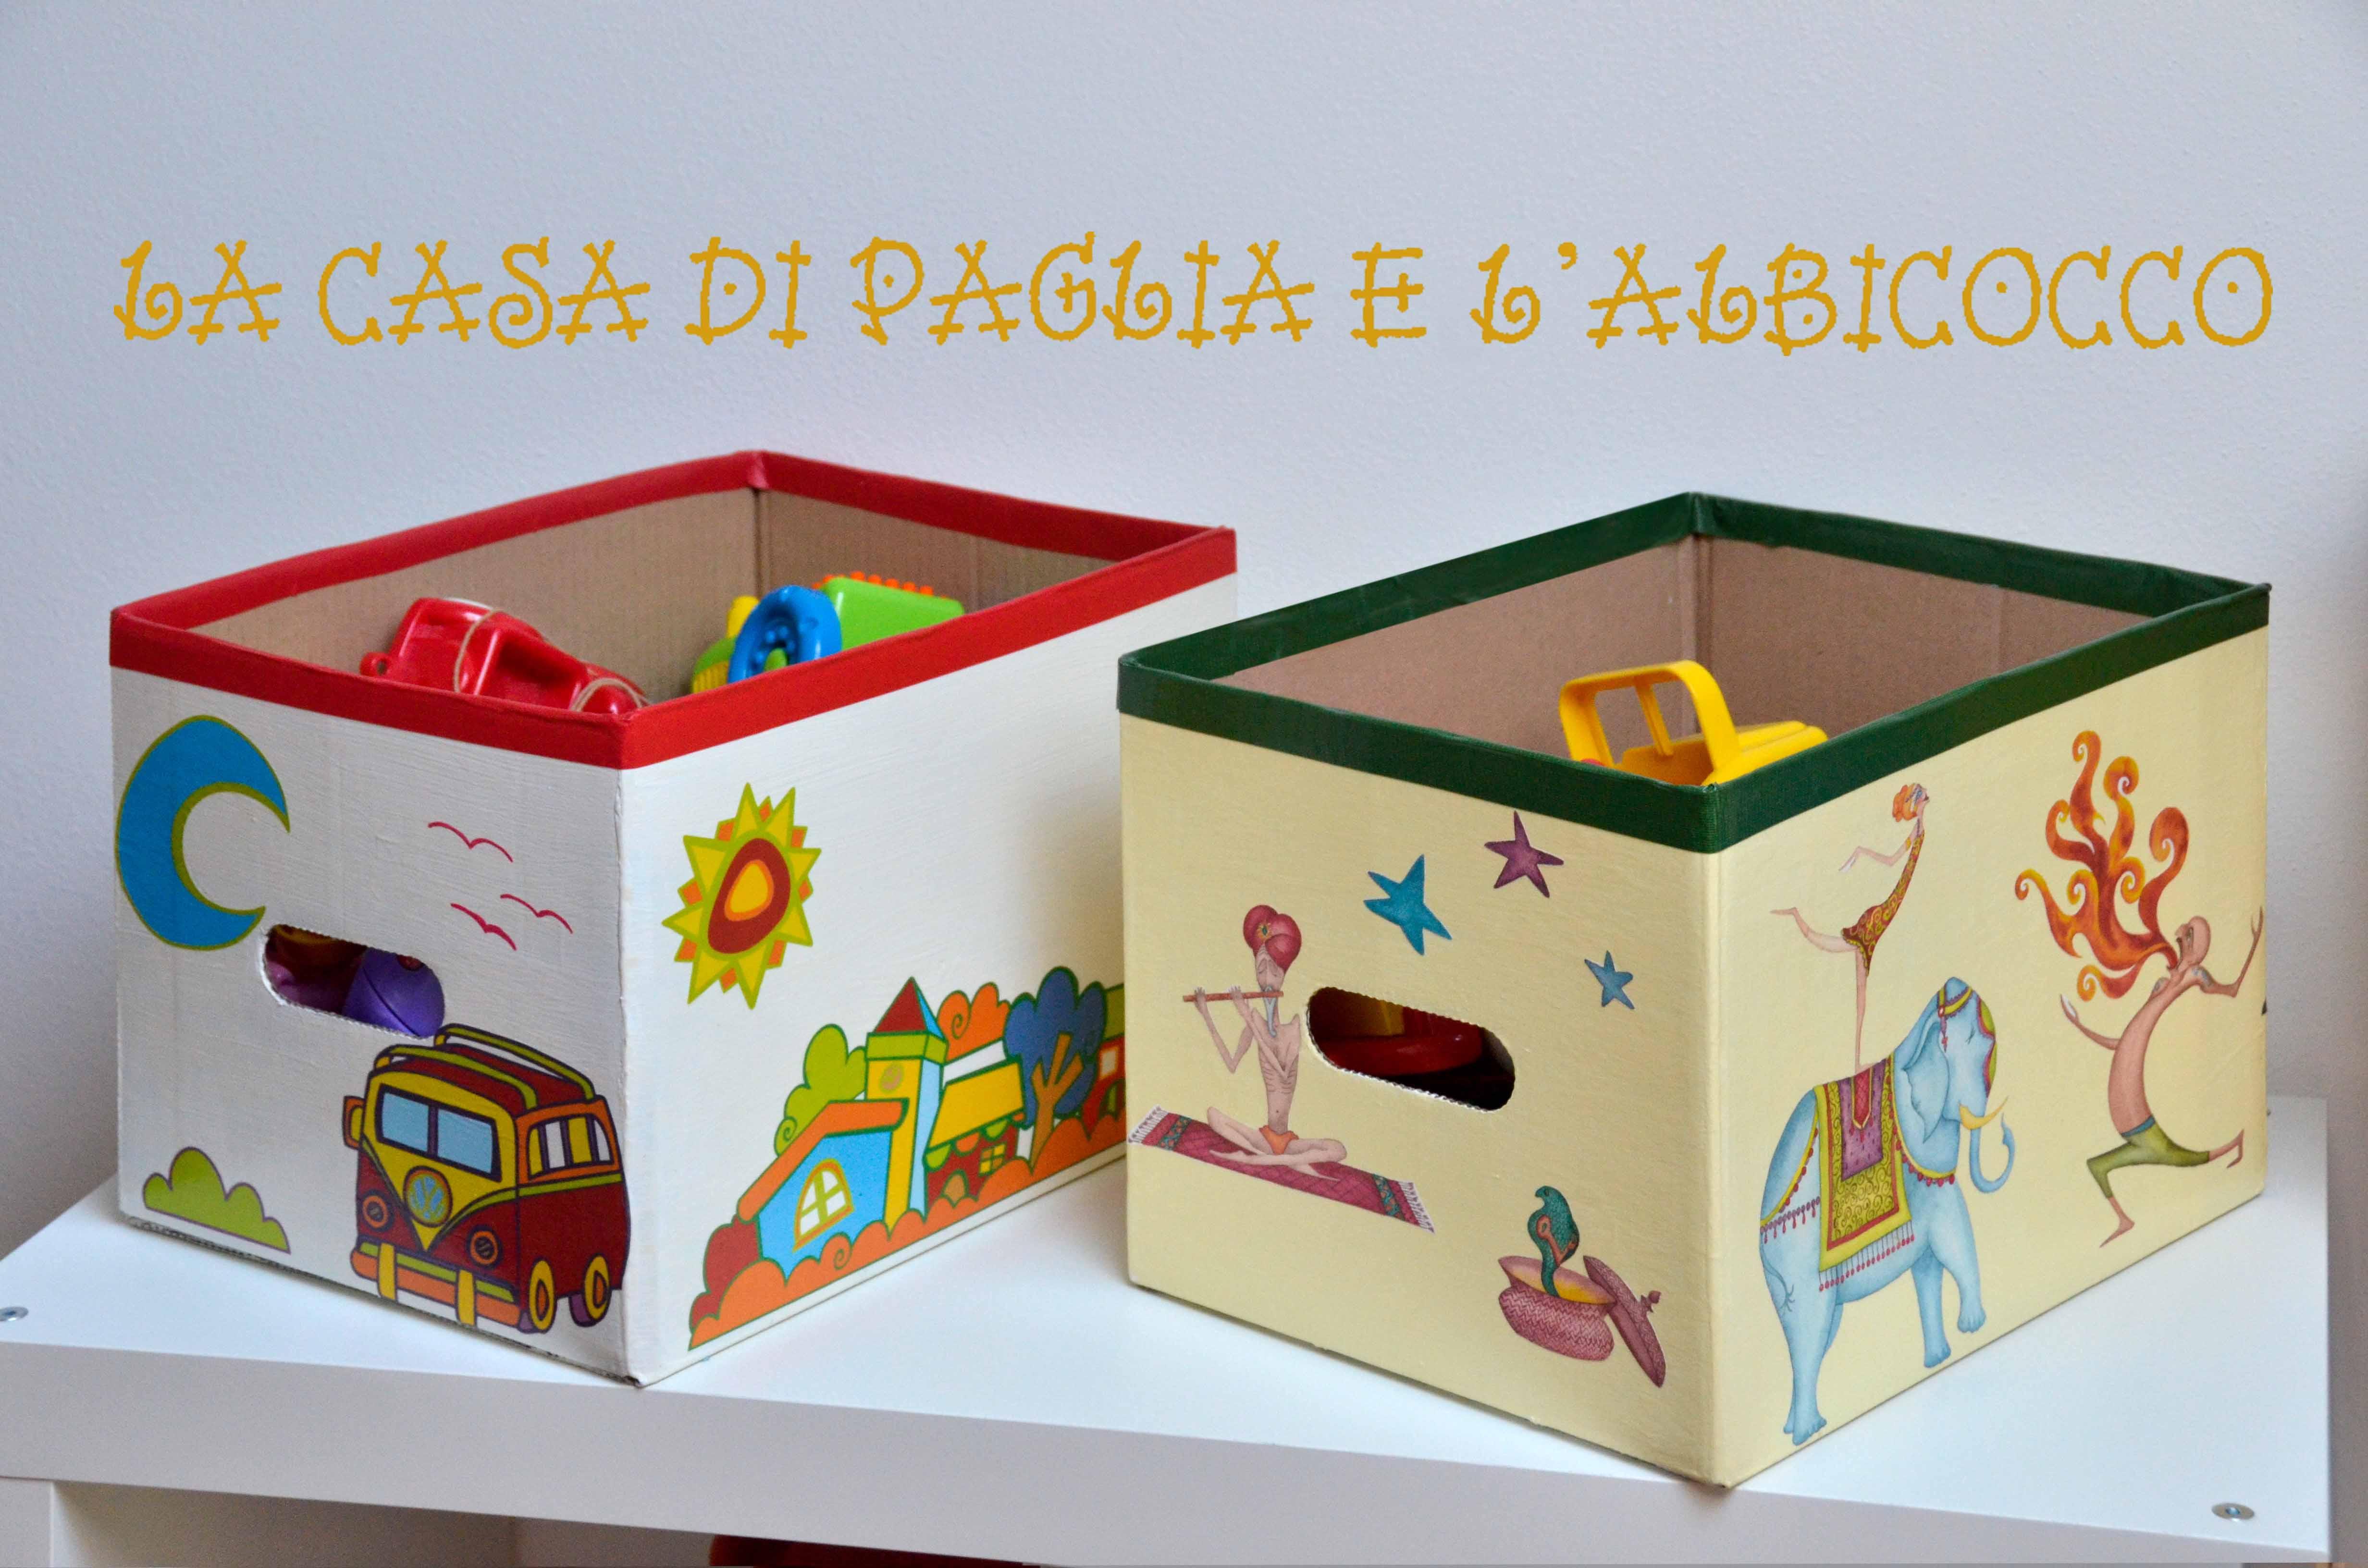 Contenitori per giocattoli la casa di paglia e l 39 albicocco for Contenitori per giocattoli ikea